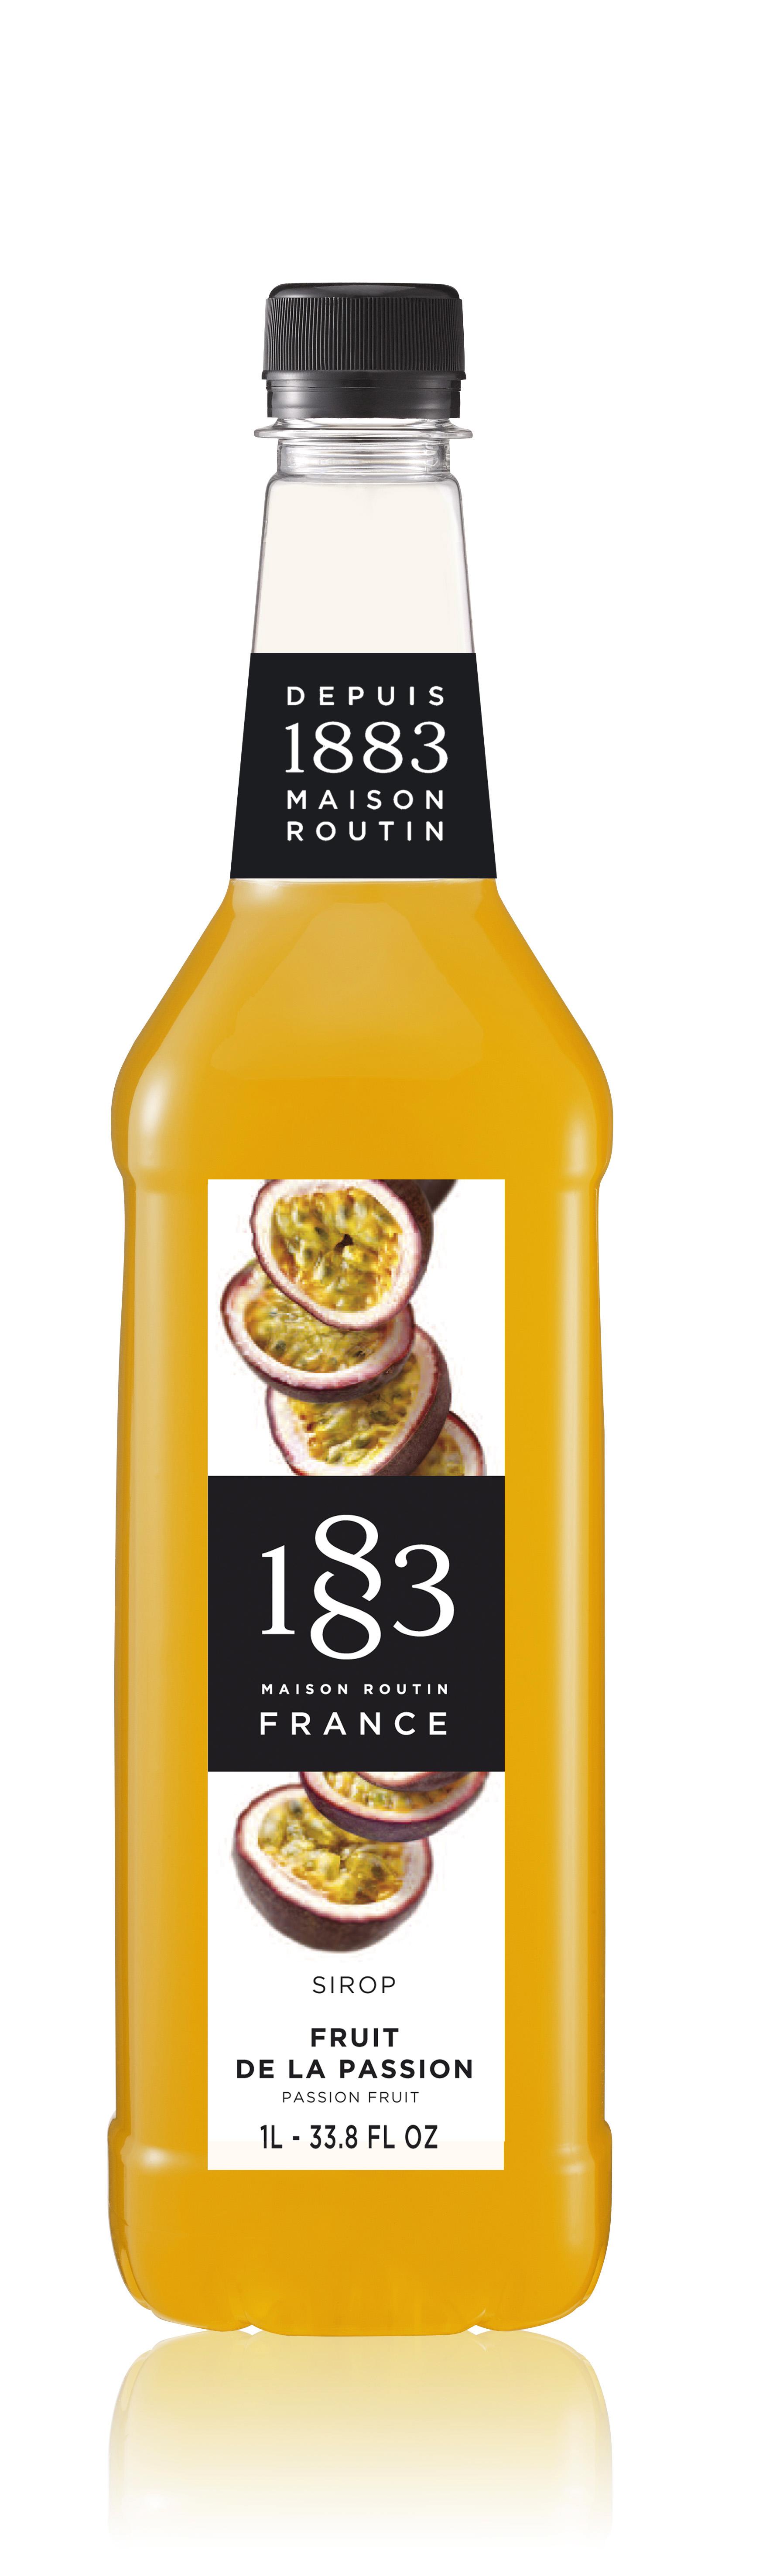 1883 Syrup Passion Fruit 1L PET Plastic Bottle